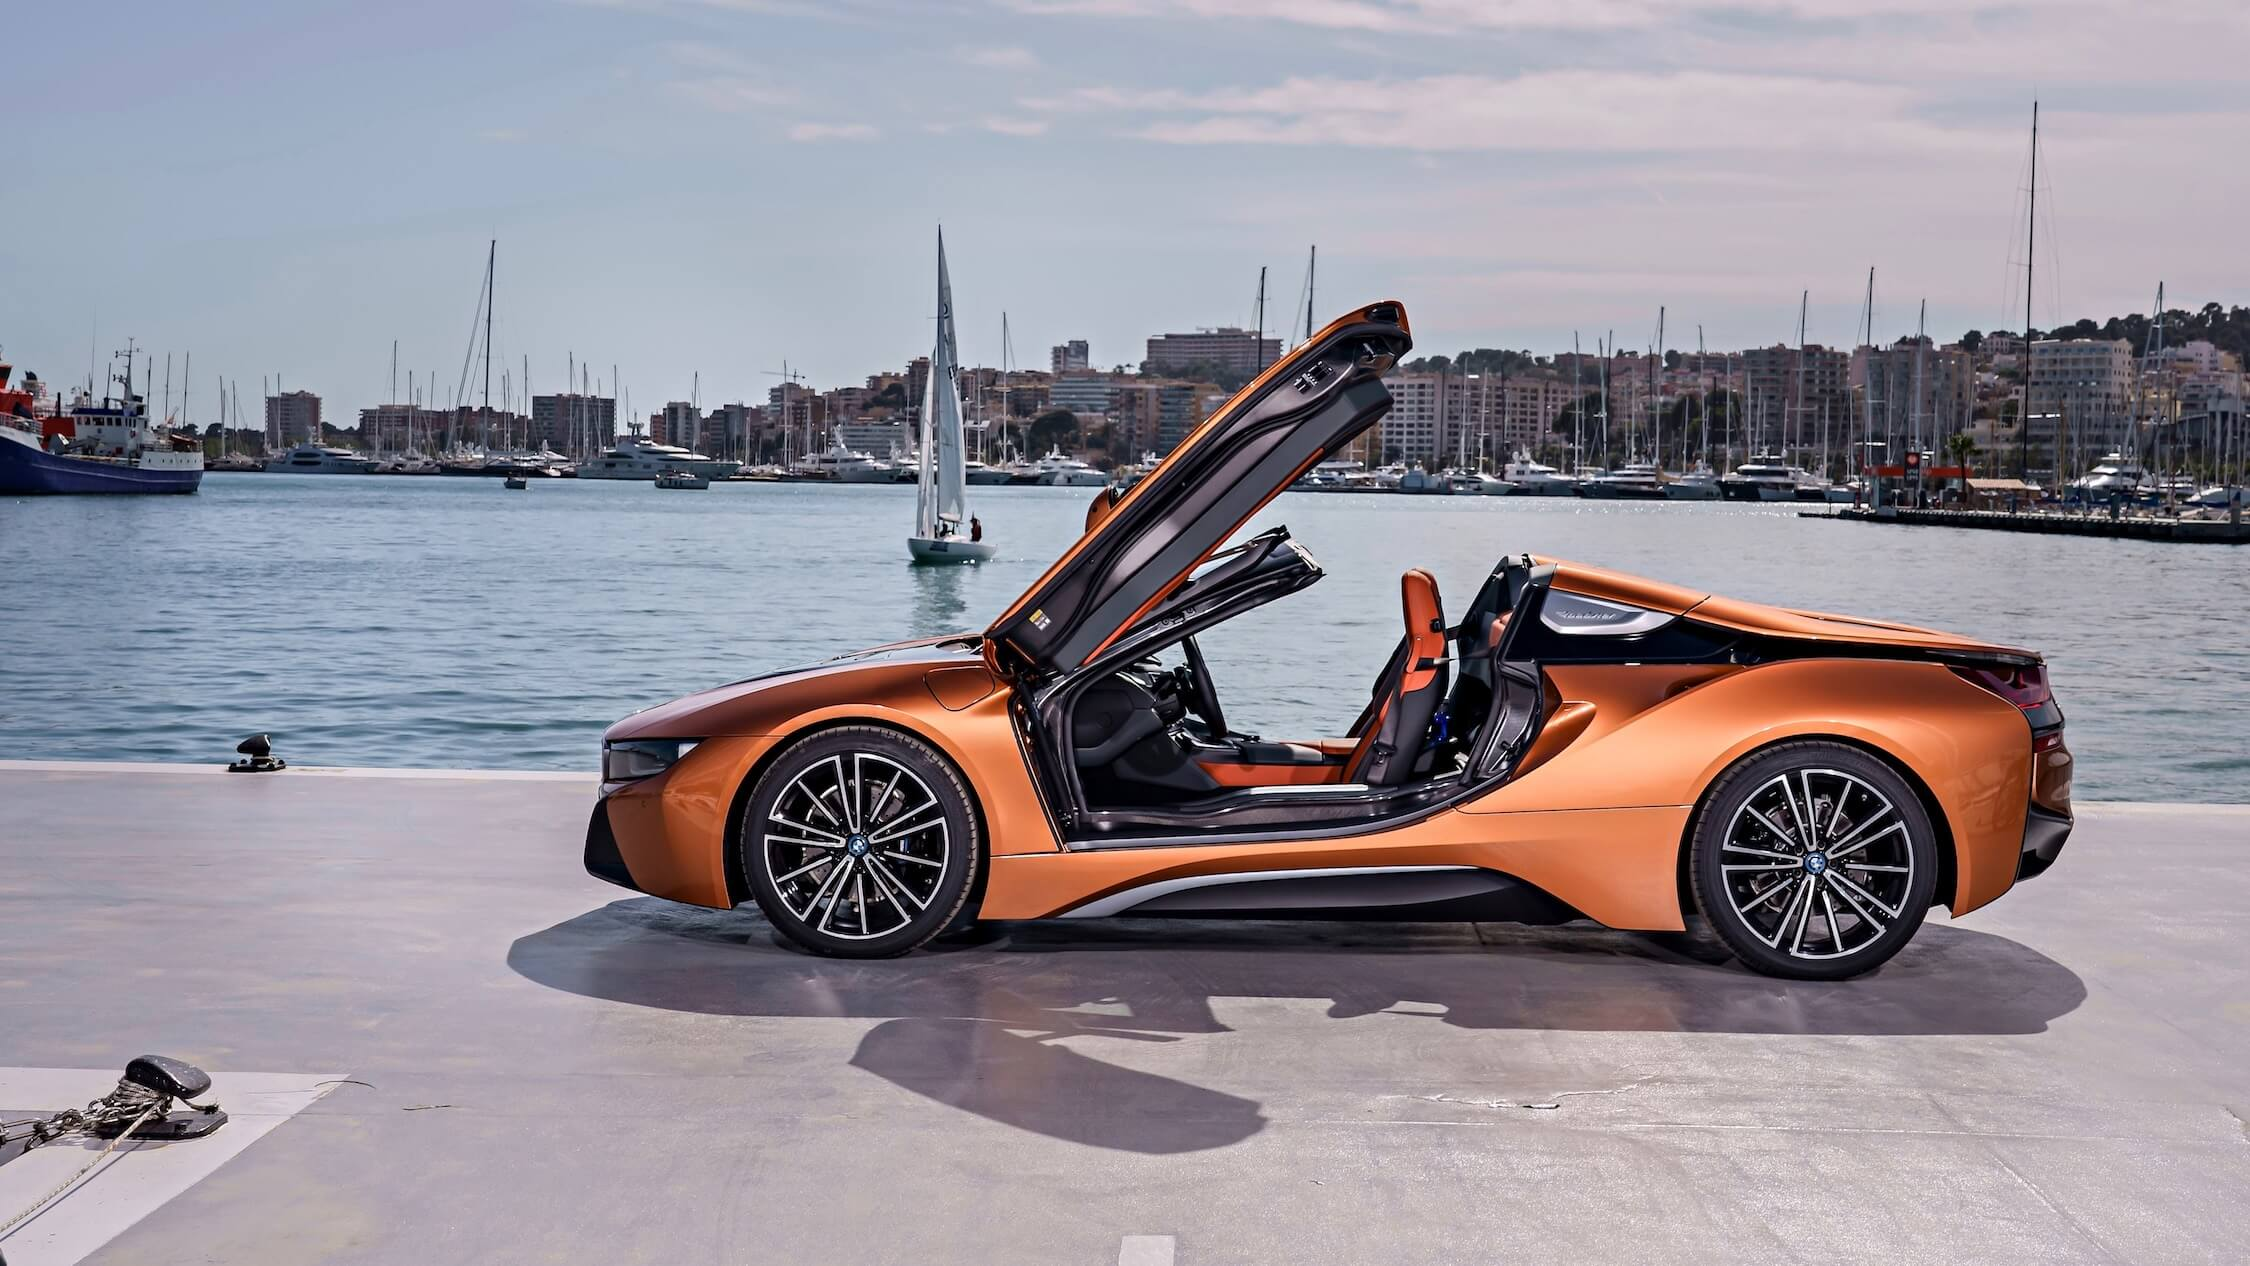 BMW i8 vleugeldeuren